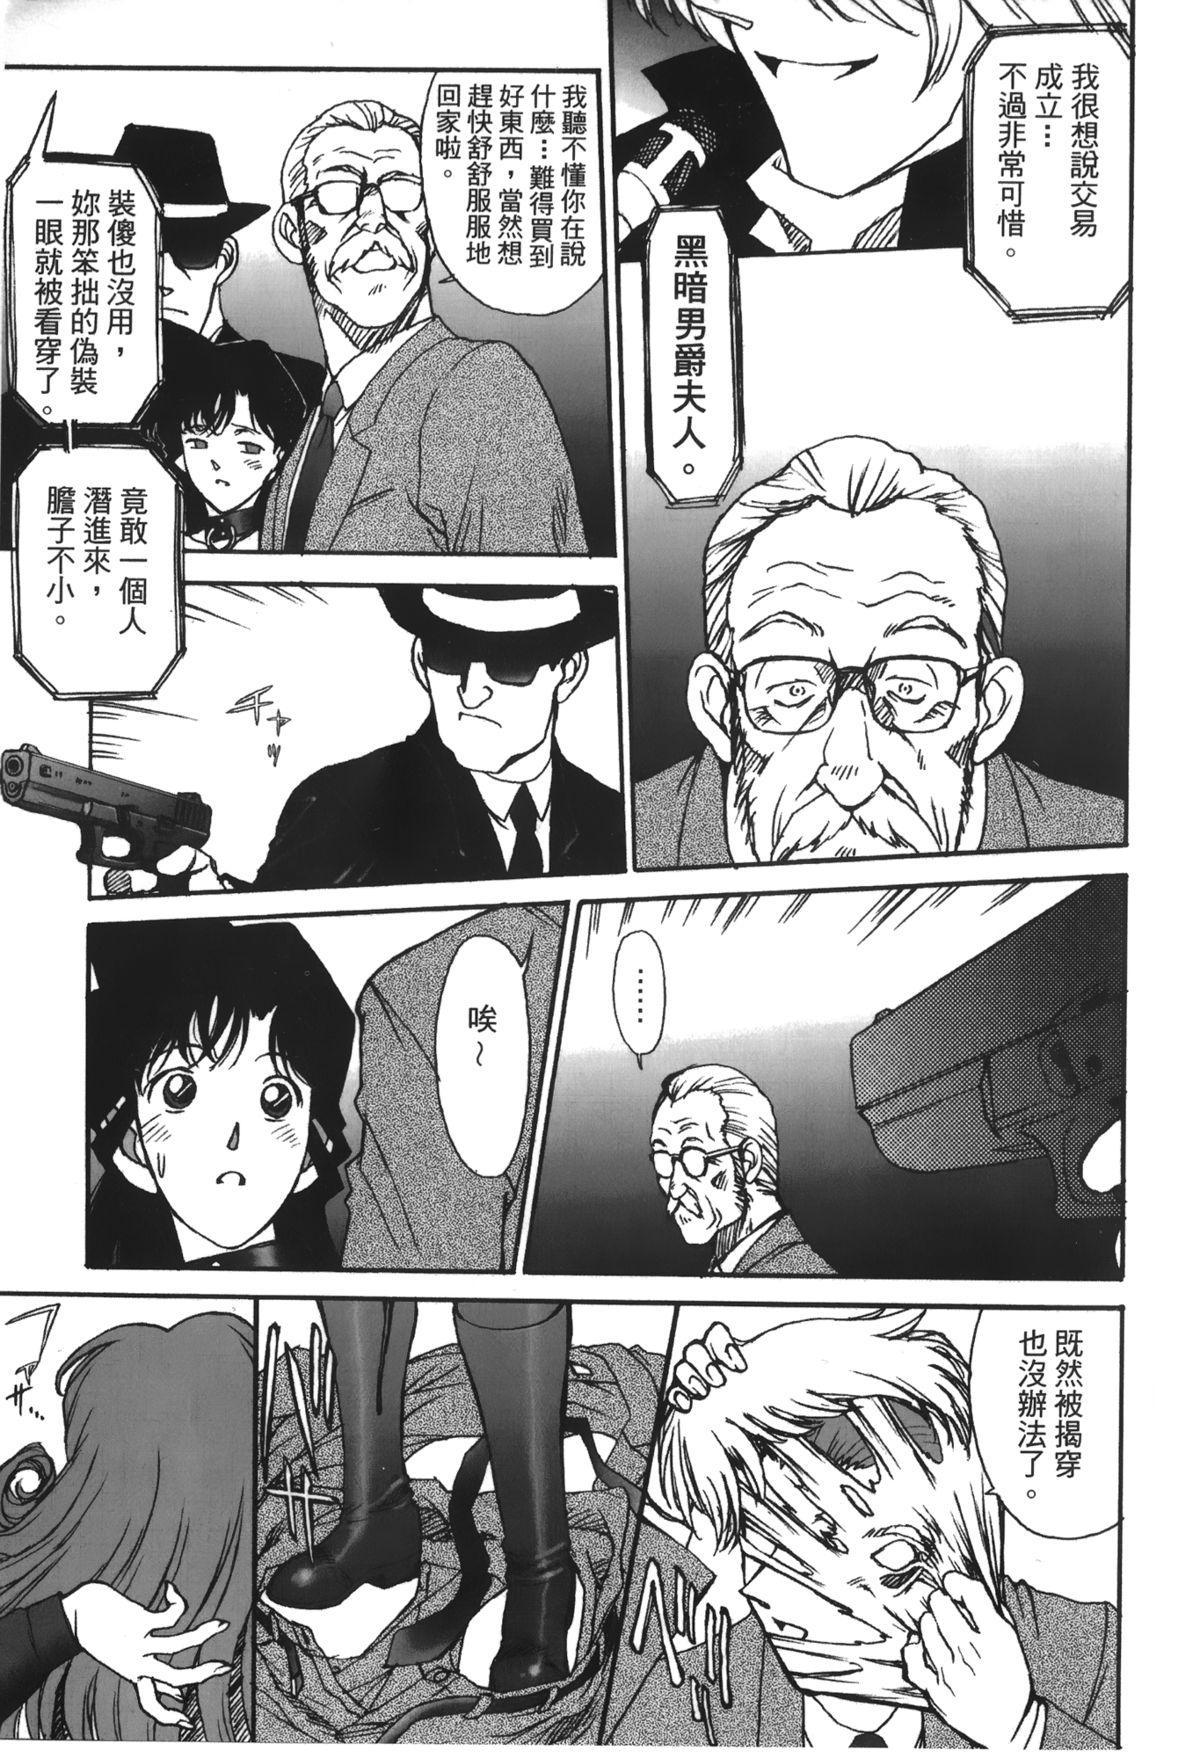 Detective Assistant Vol. 13 5